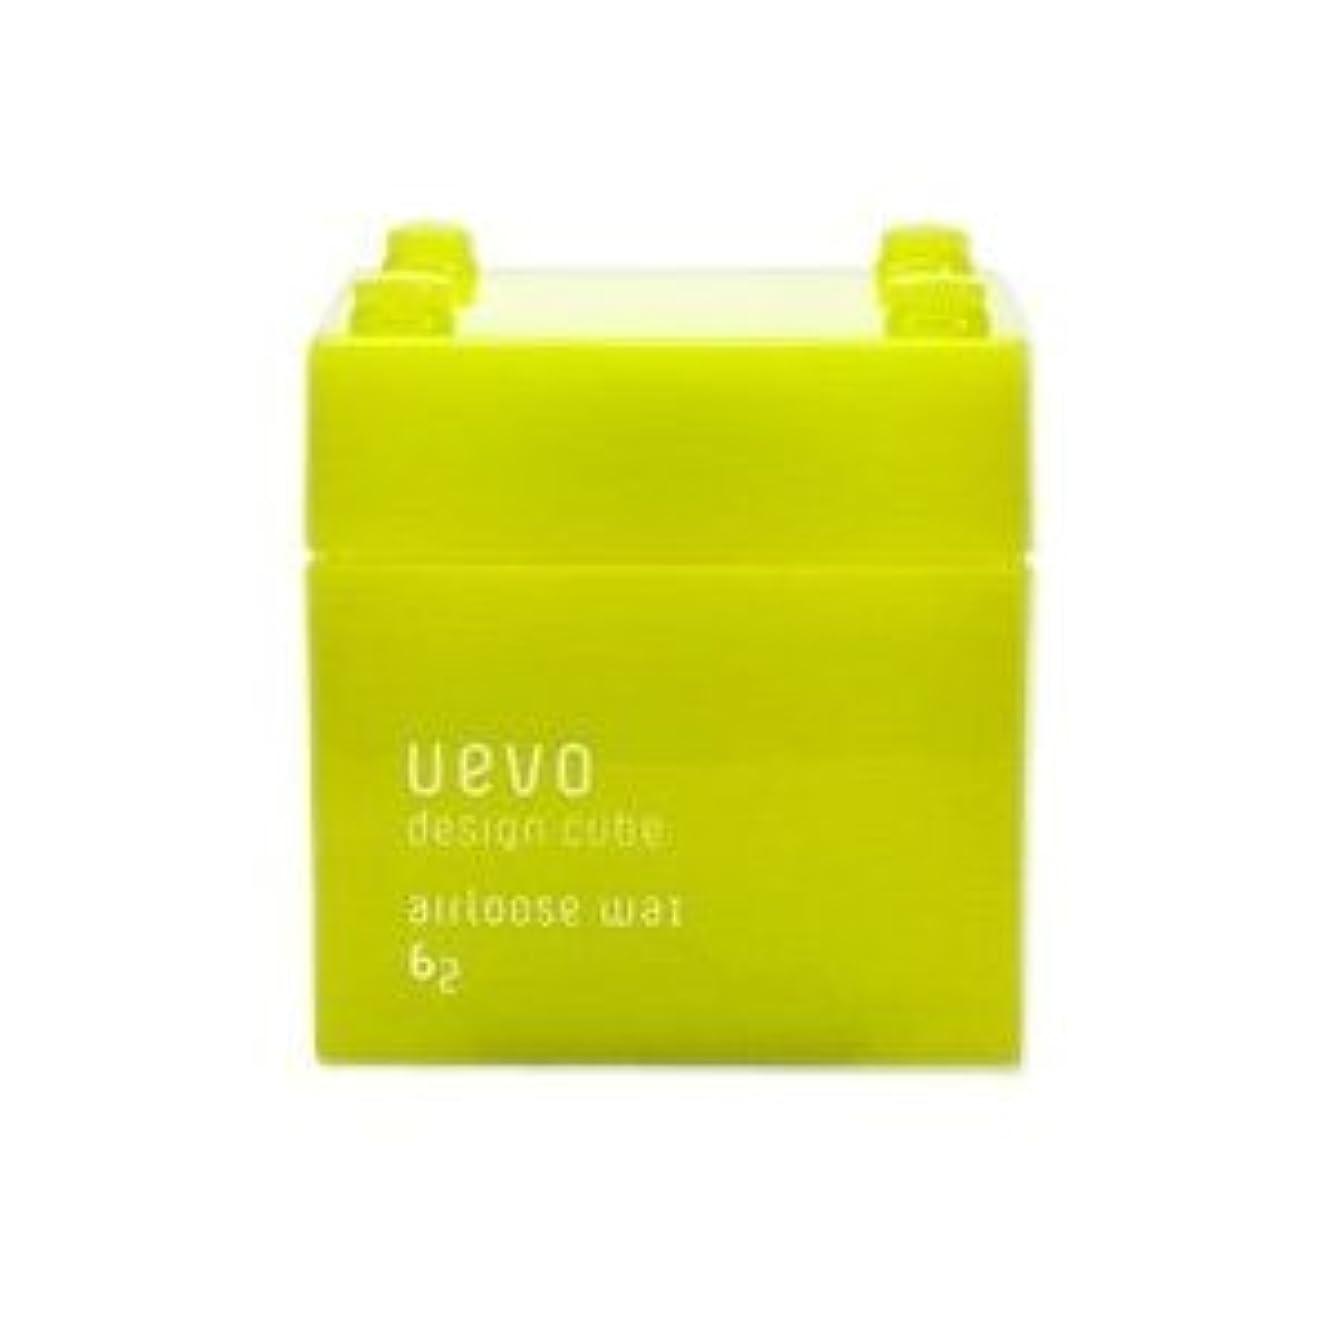 年金大事にする致死【X3個セット】 デミ ウェーボ デザインキューブ エアルーズワックス 80g airloose wax DEMI uevo design cube